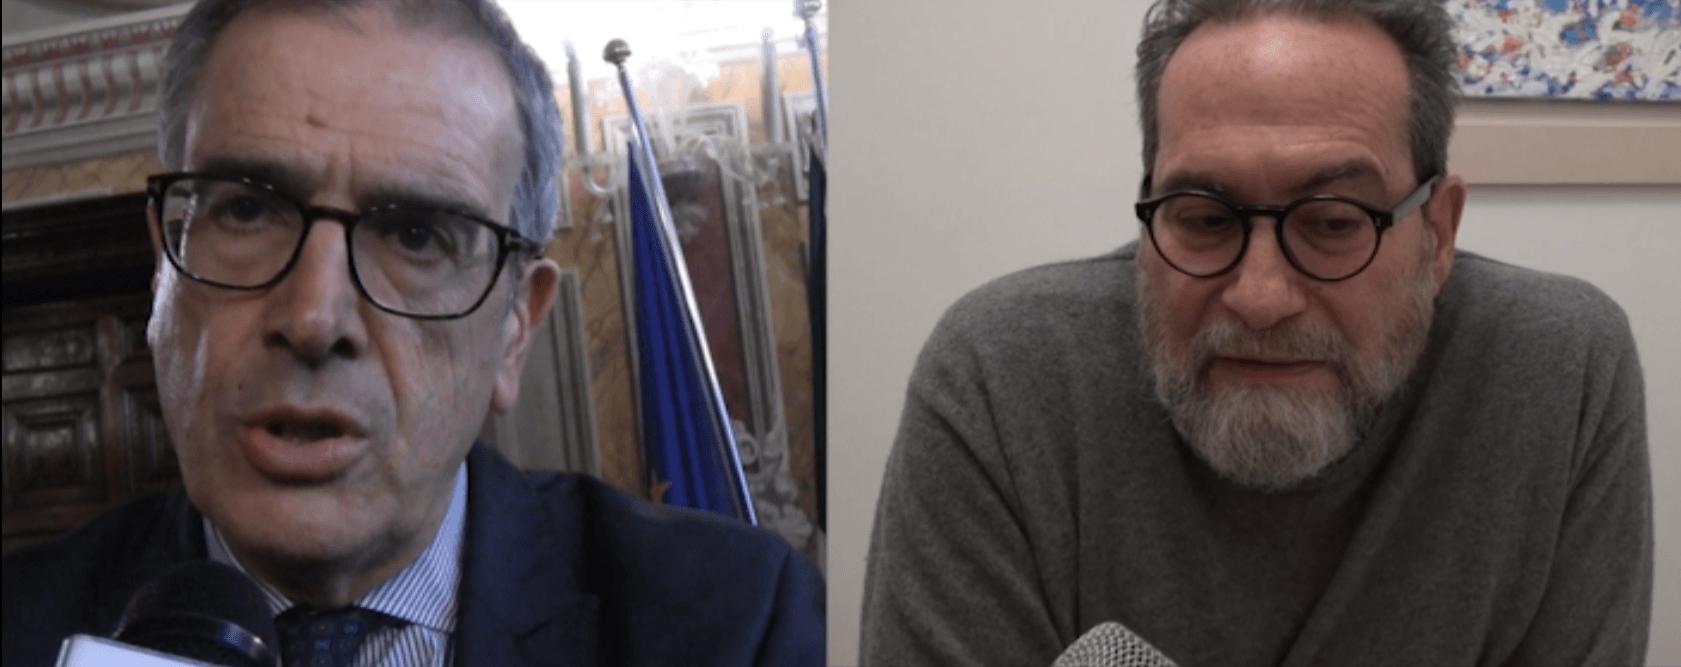 Valentini e Piccini commentano l'incontro avuto in vista dell'apparentamento